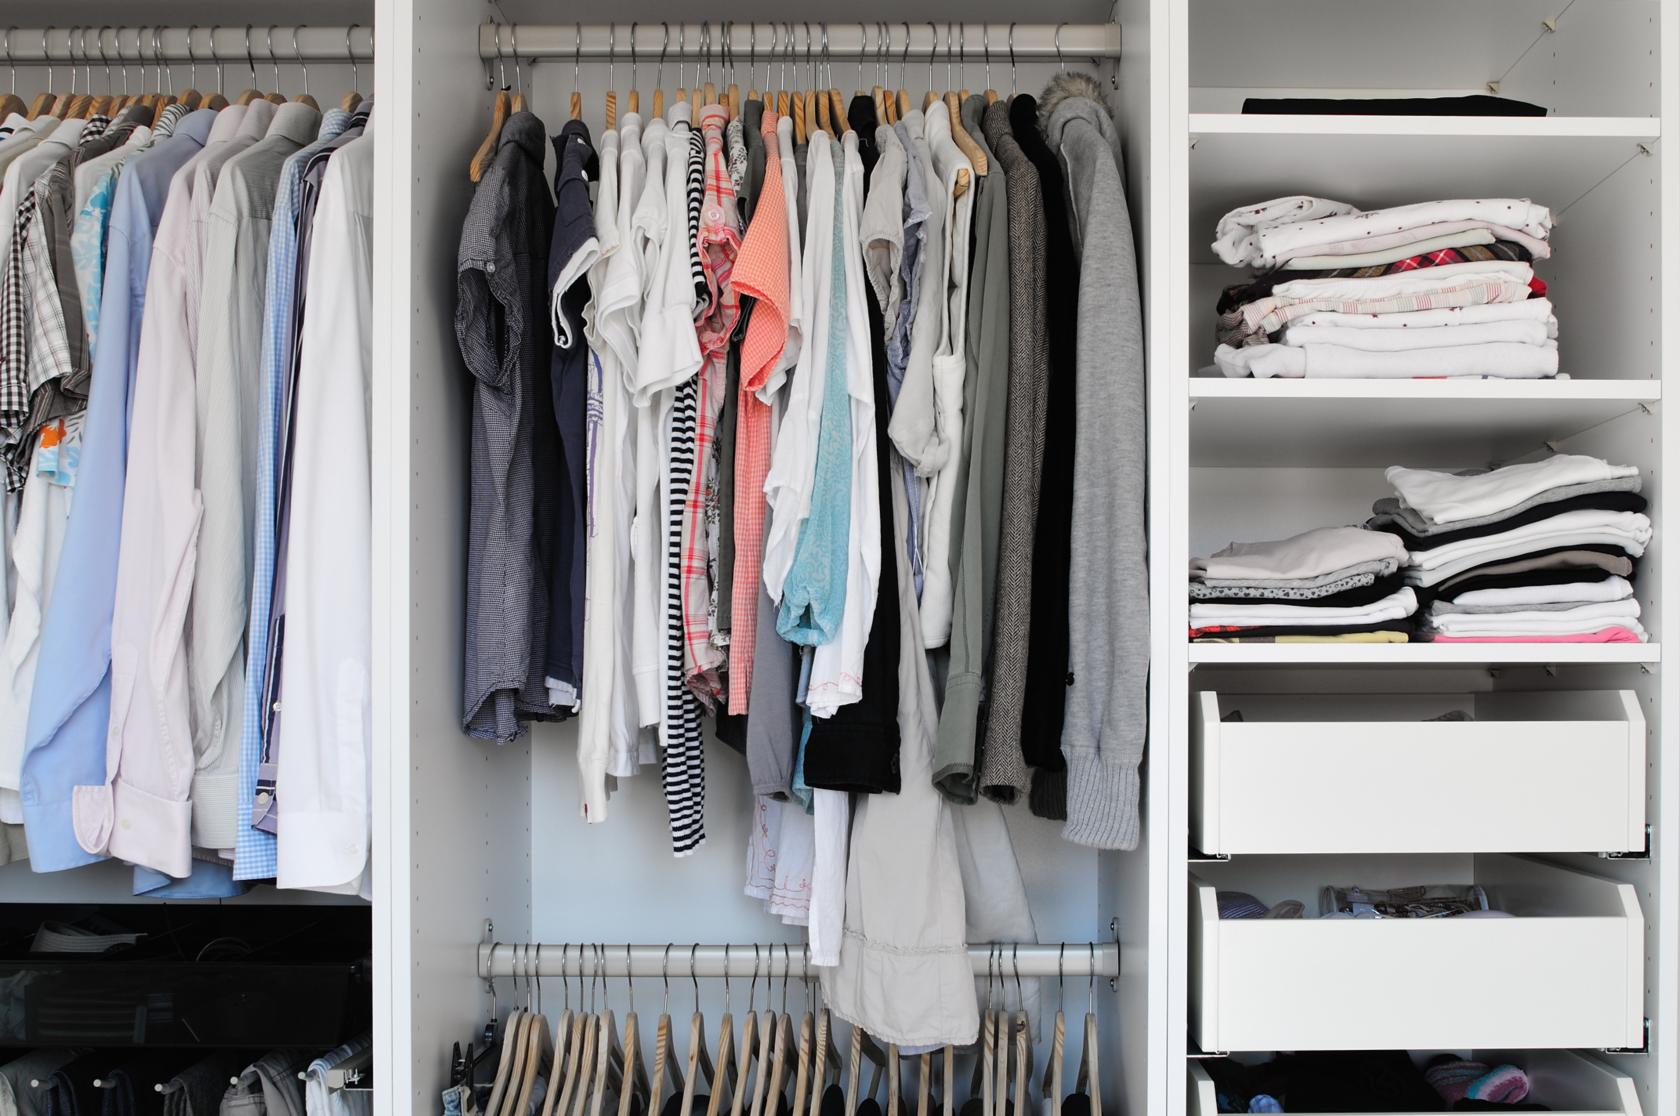 Ordnung im Kleiderschrank mit Klamotten